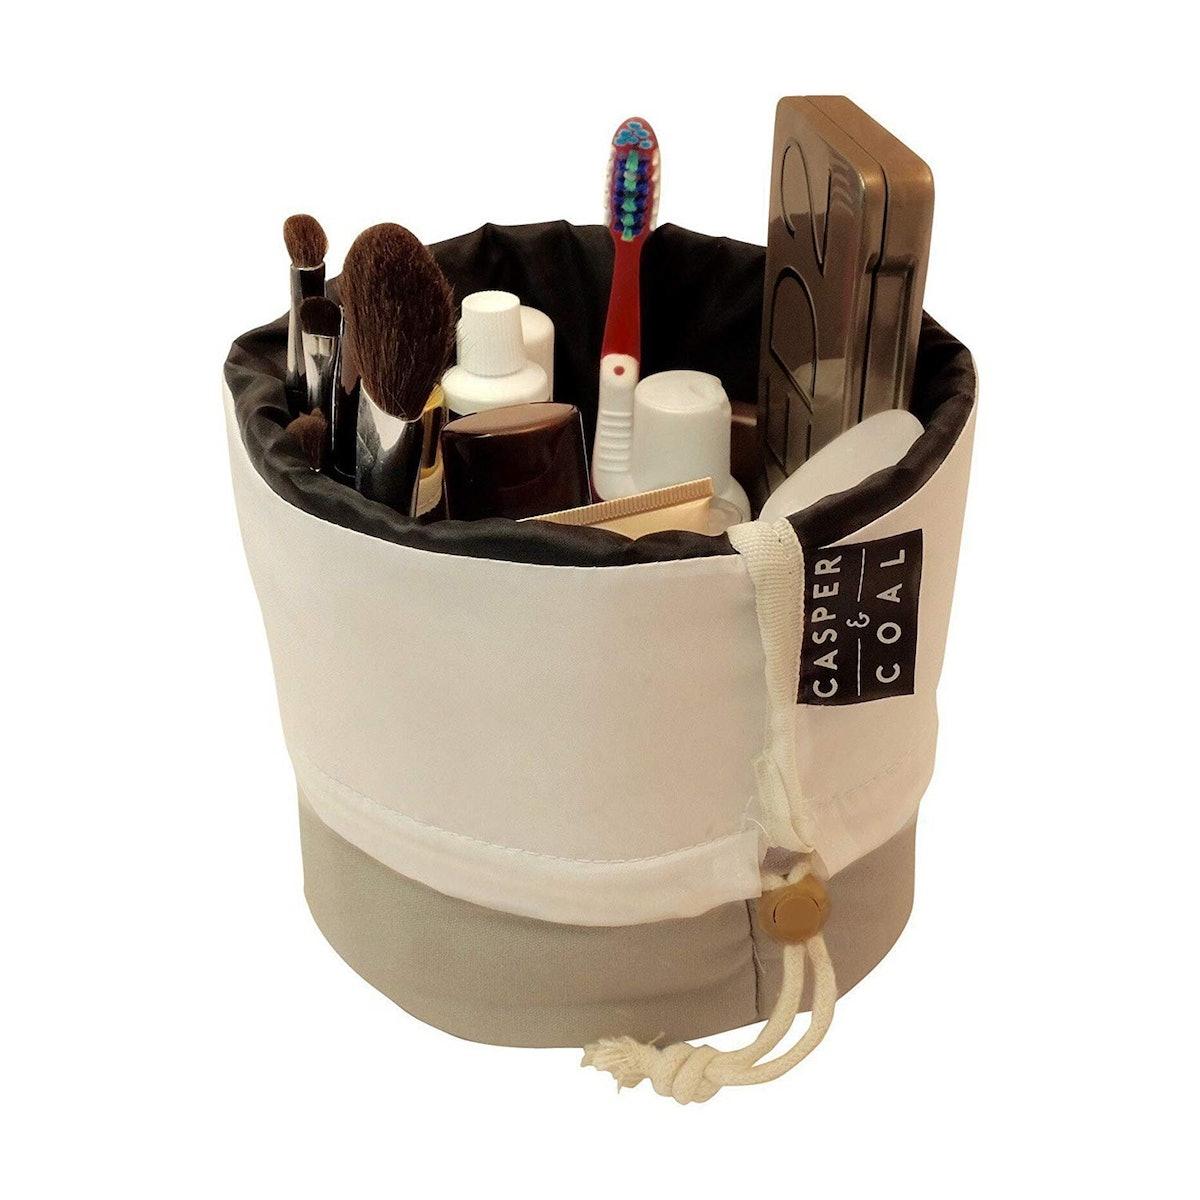 Casper And Coal Travel Cosmetics Bag